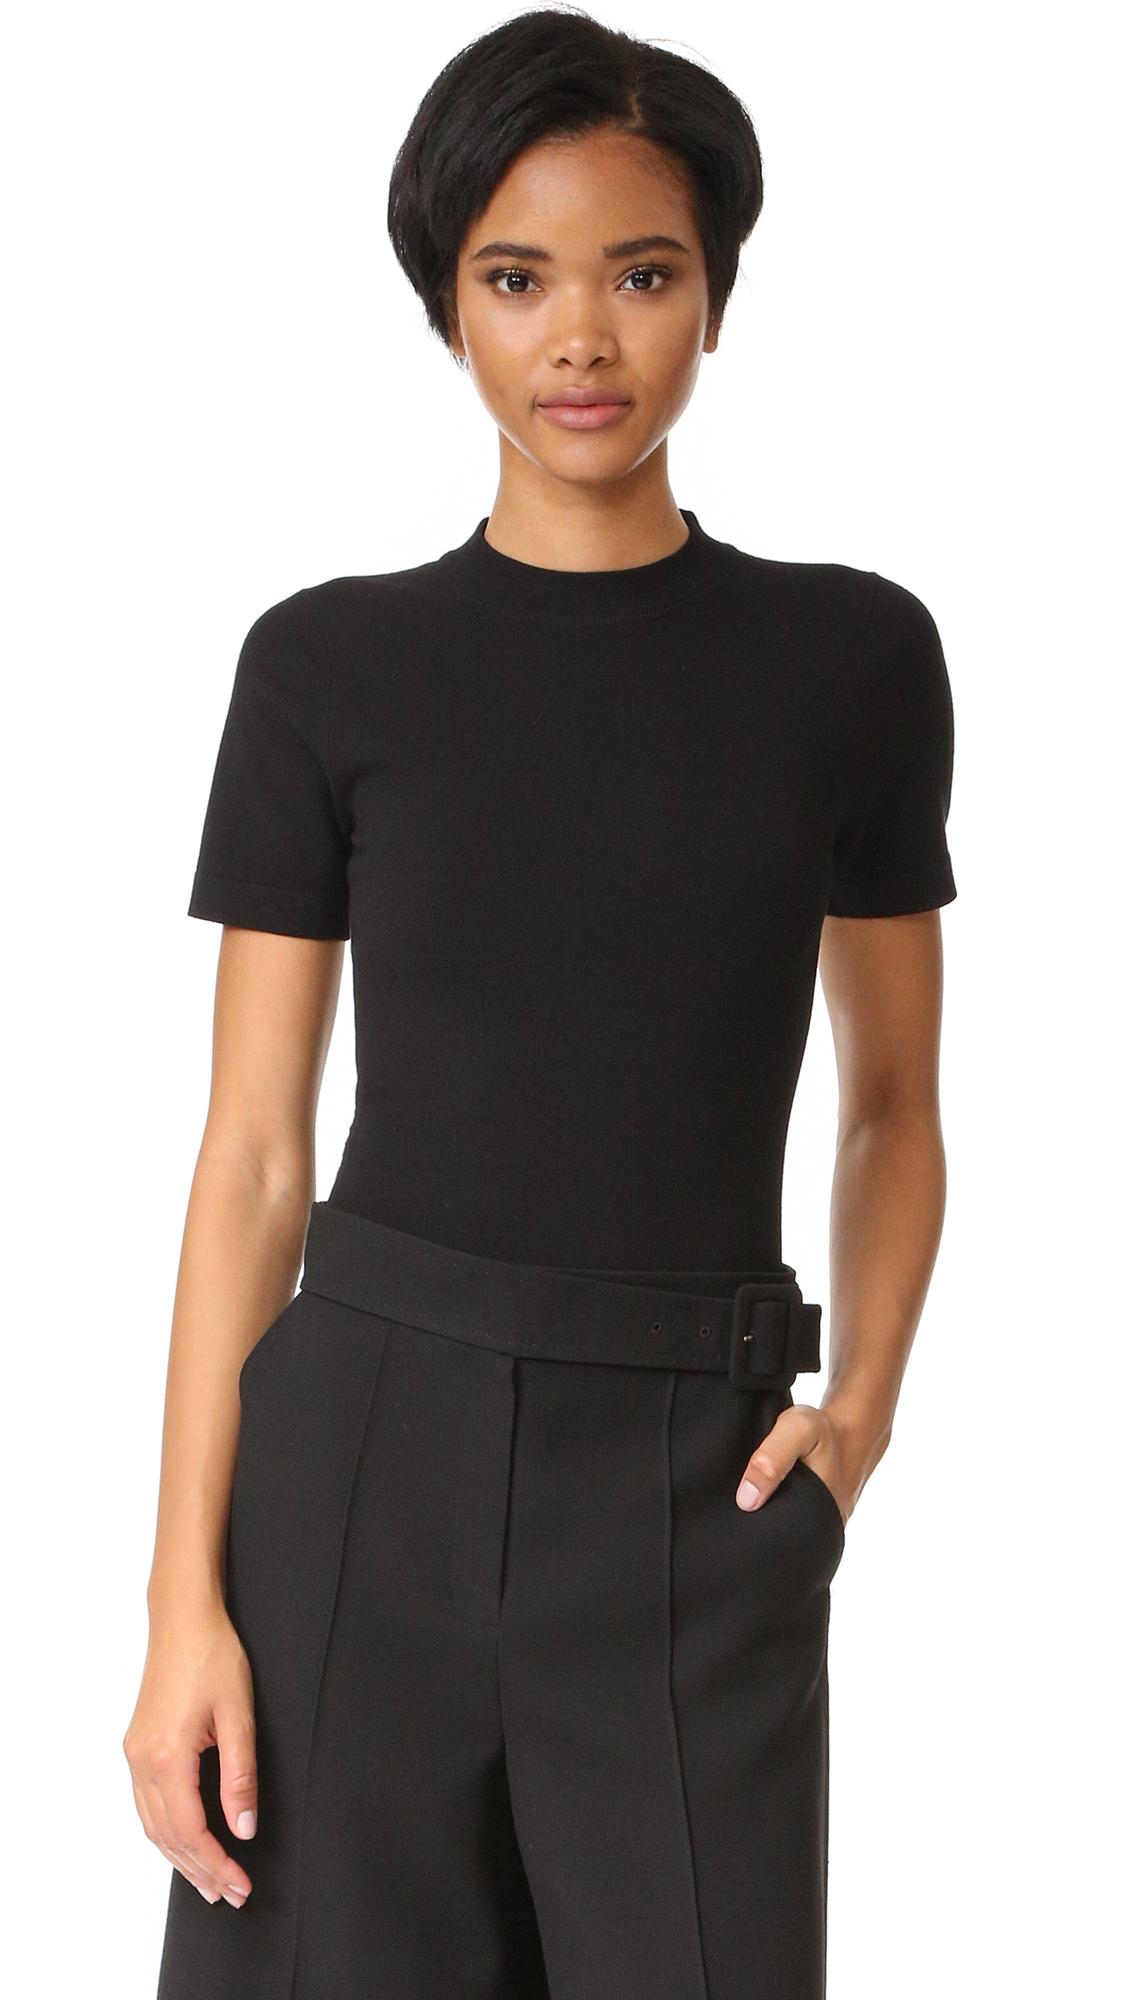 Dkny Short Sleeve Crew Neck Bodysuit - Black at Shopbop